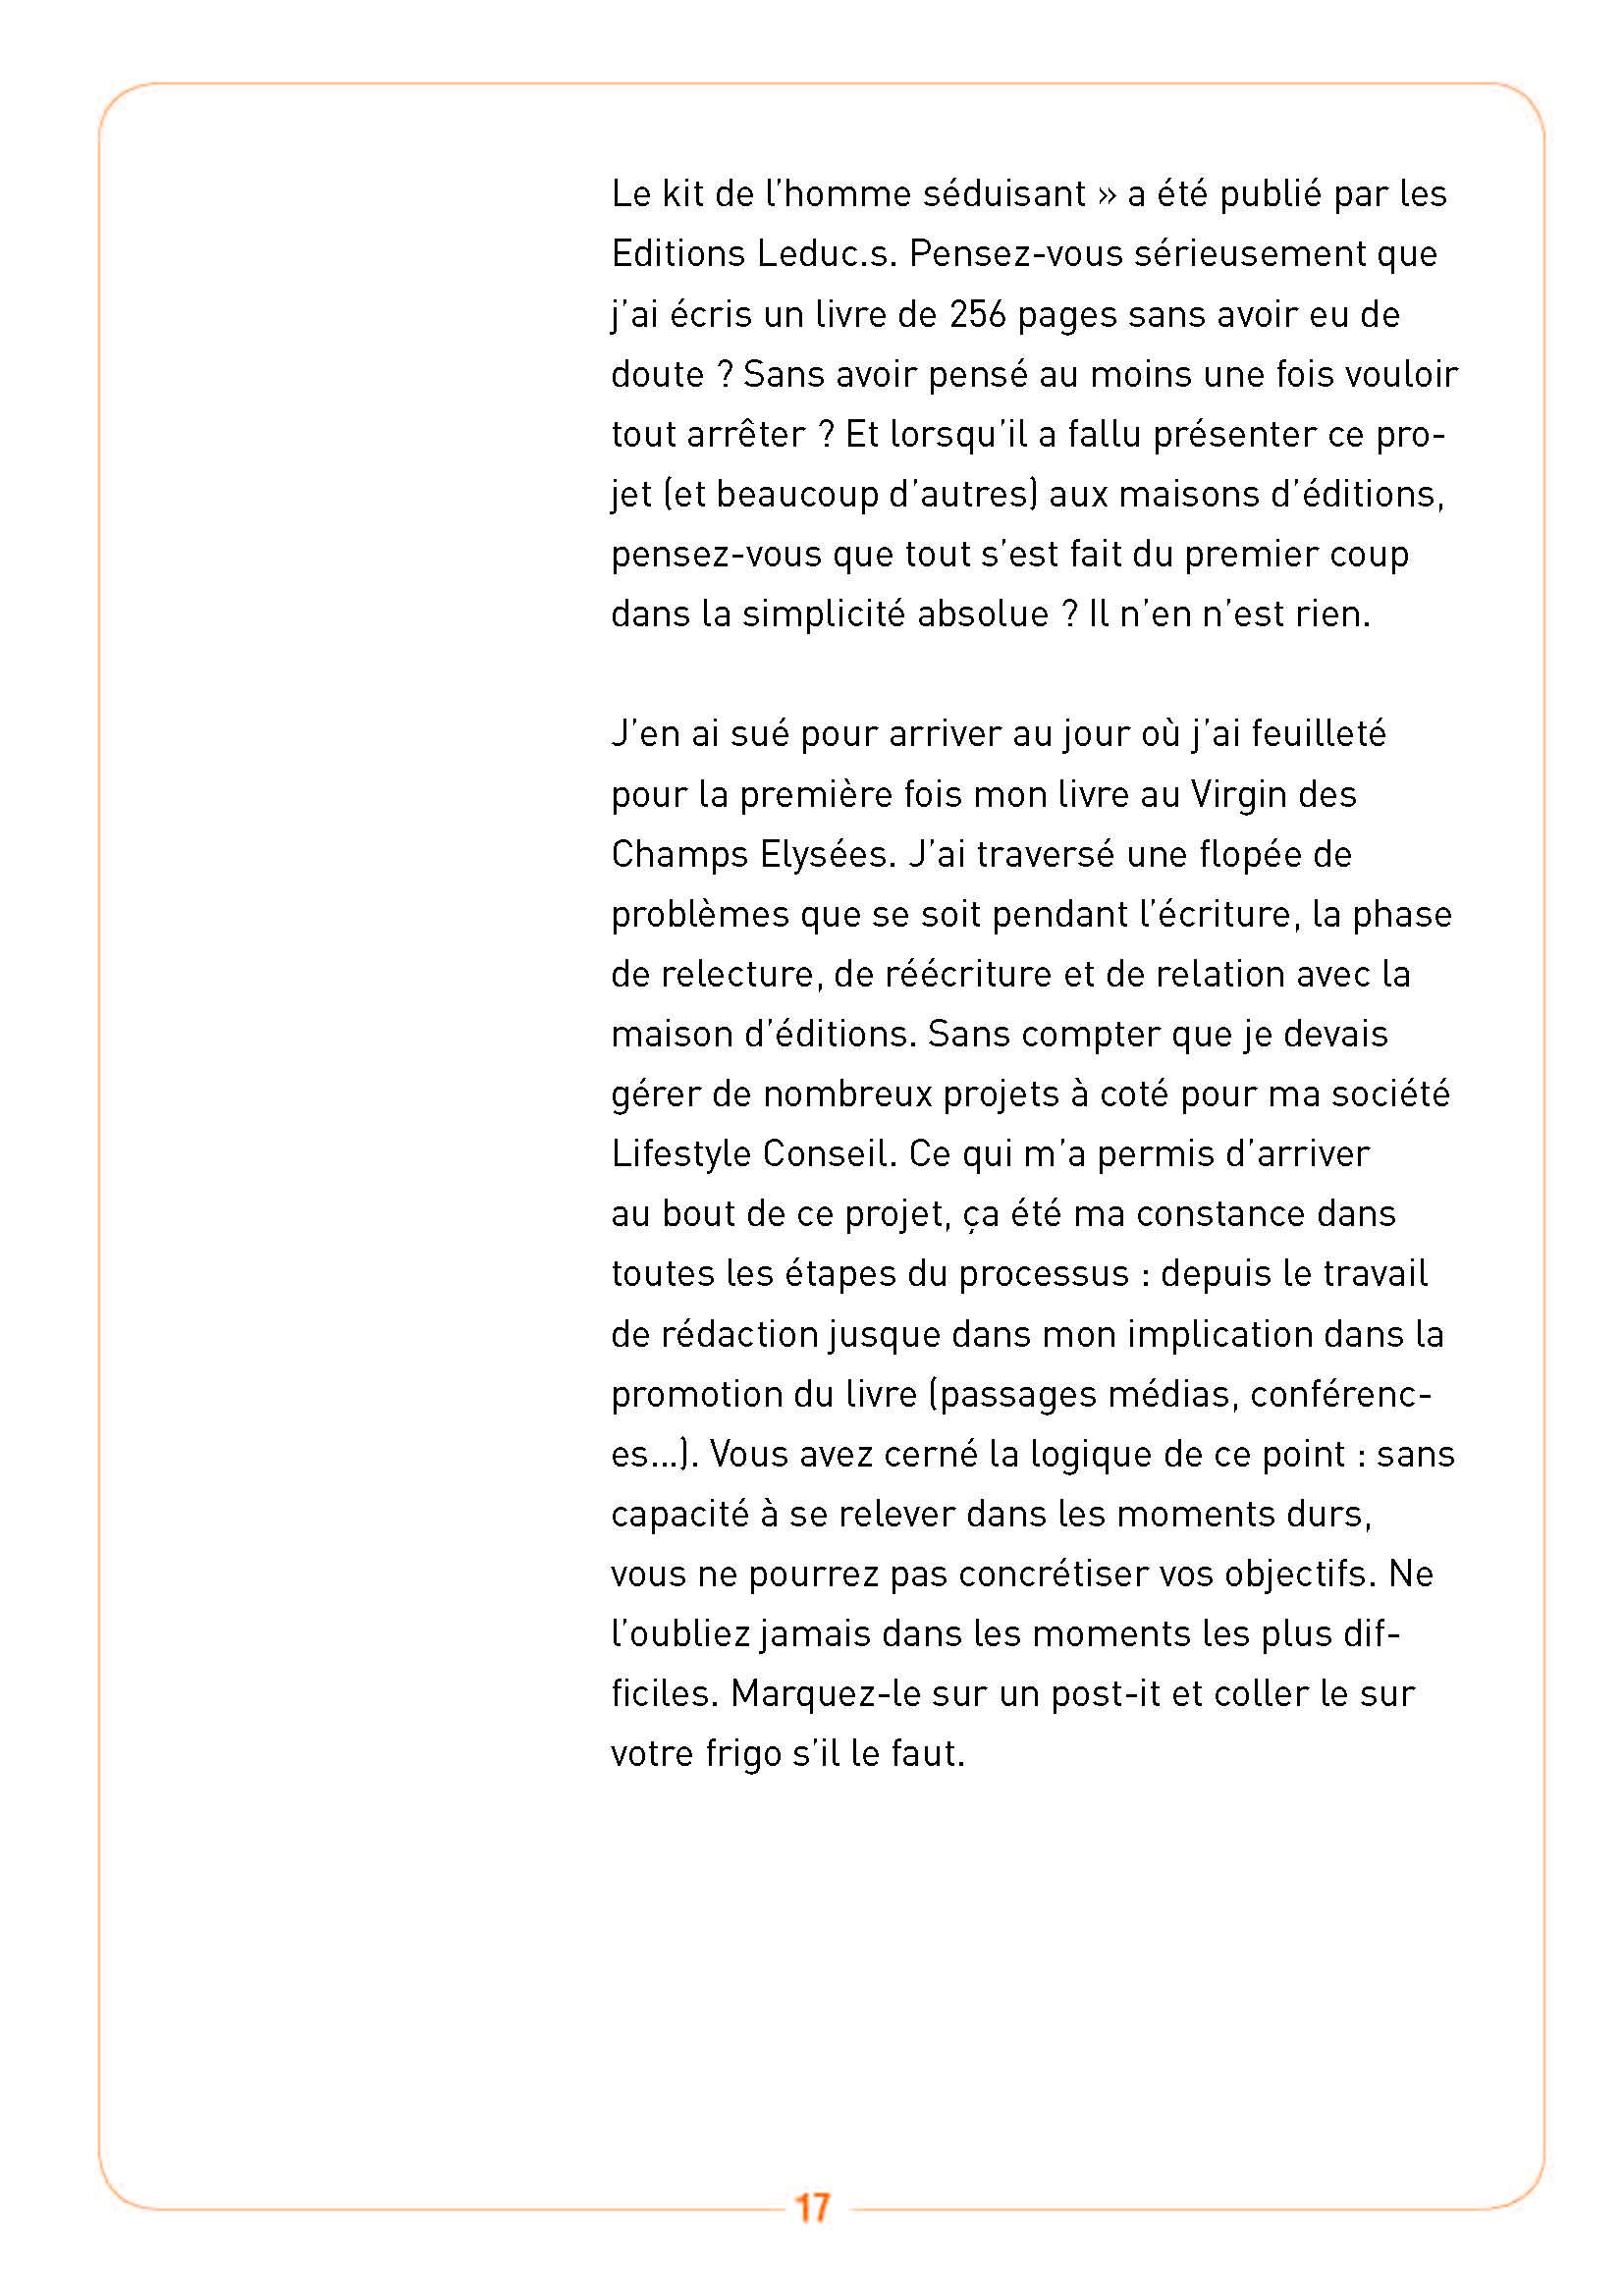 artfichier_800376_5222058_201510181712304 COMMENT ATTEINDRE LE SUCCÈS SANS BAGAGES